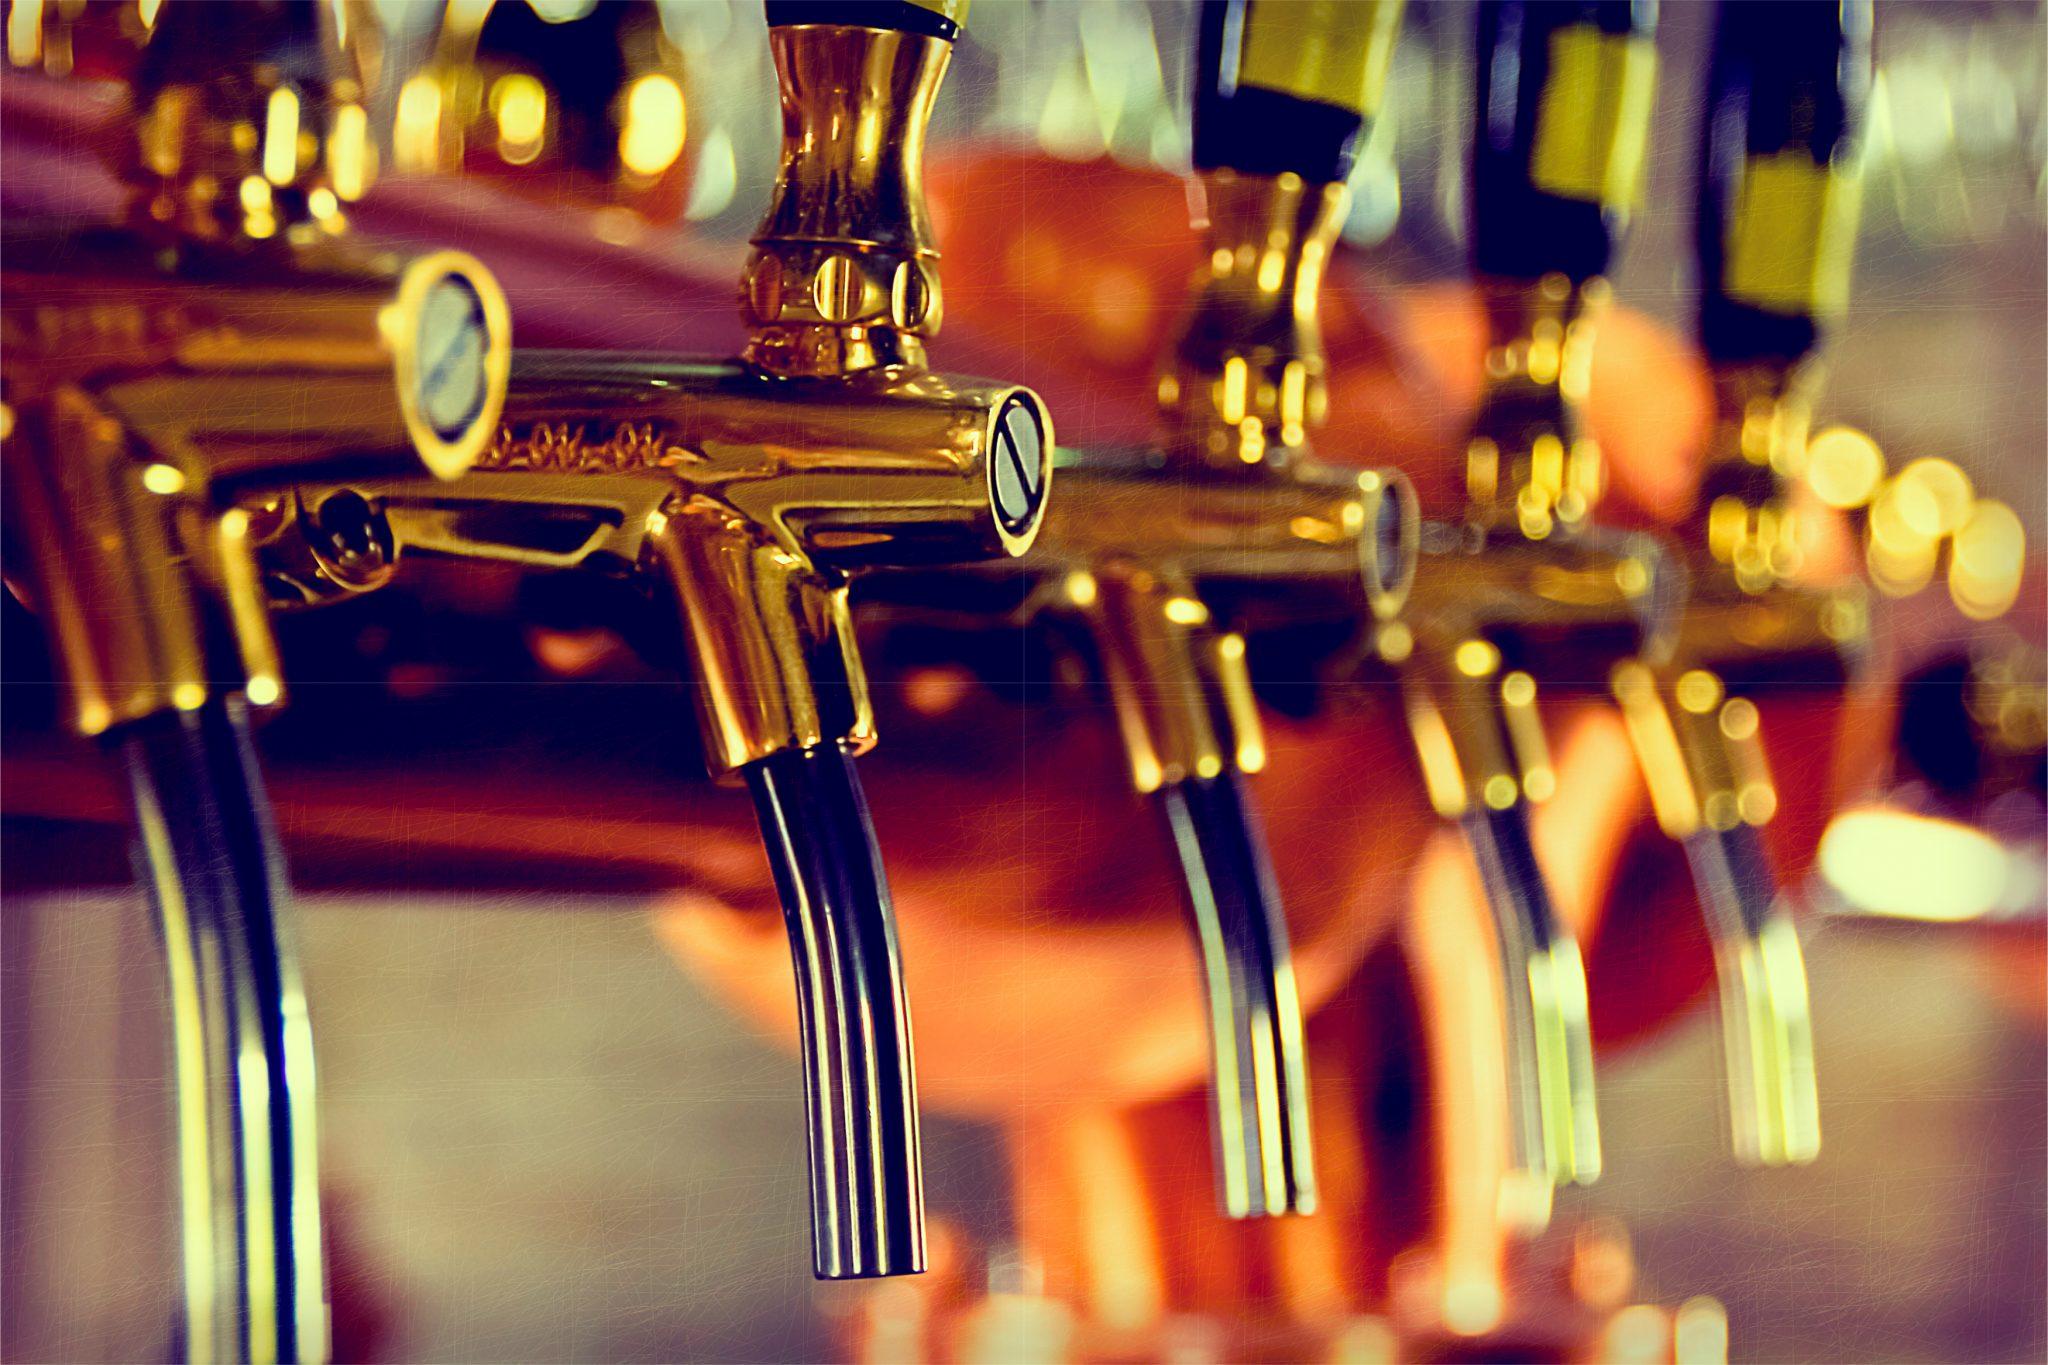 ビールを注ぐ機械